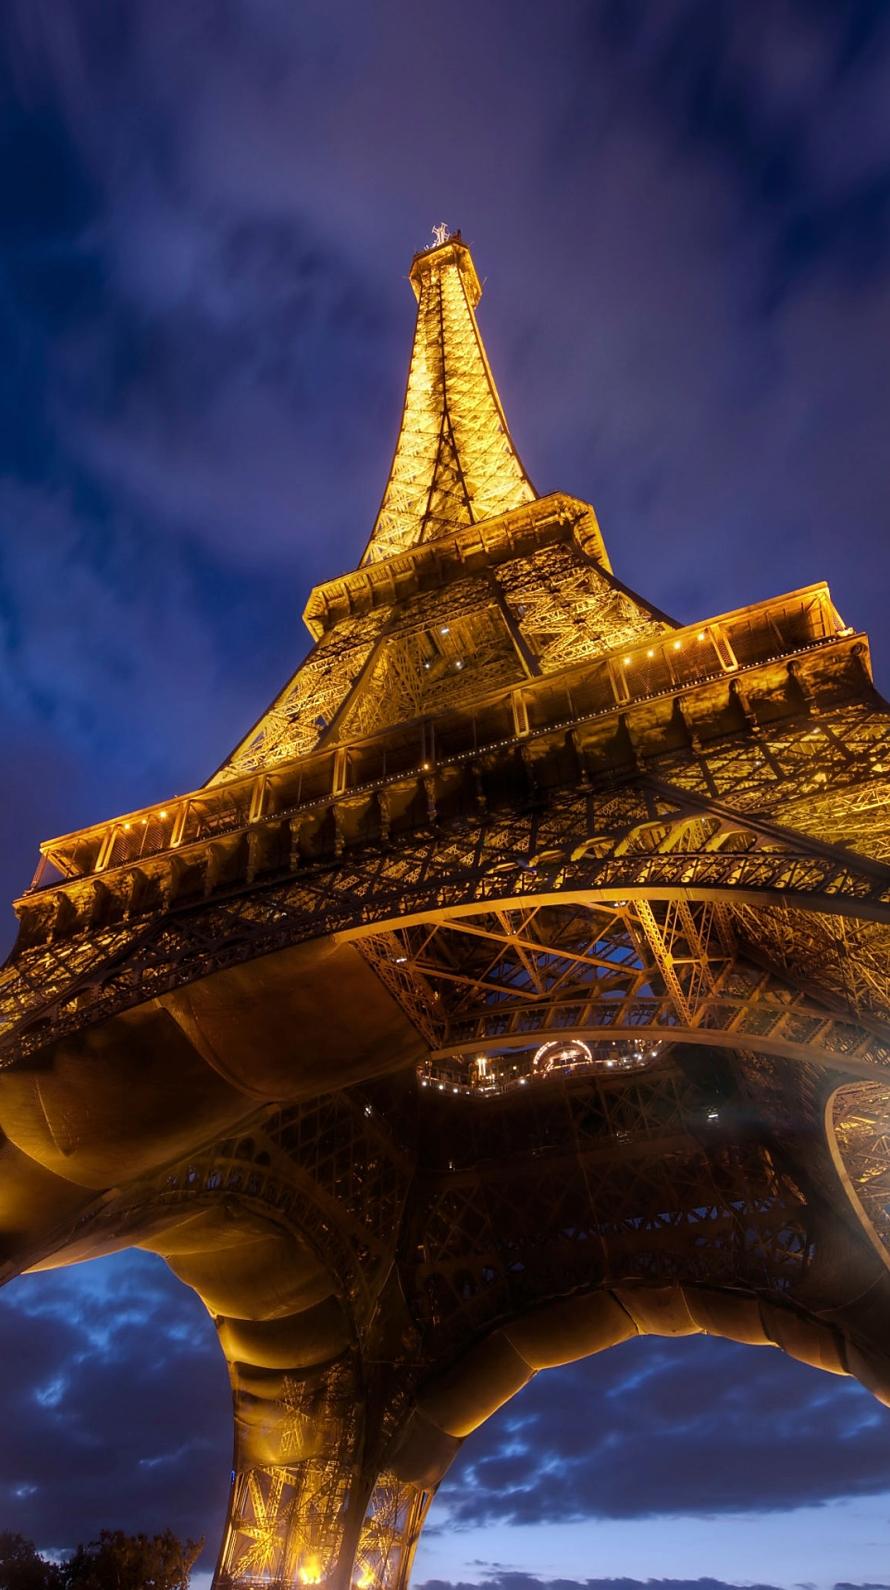 フランス パリ エッフェル塔 Iphone6壁紙 Wallpaperbox